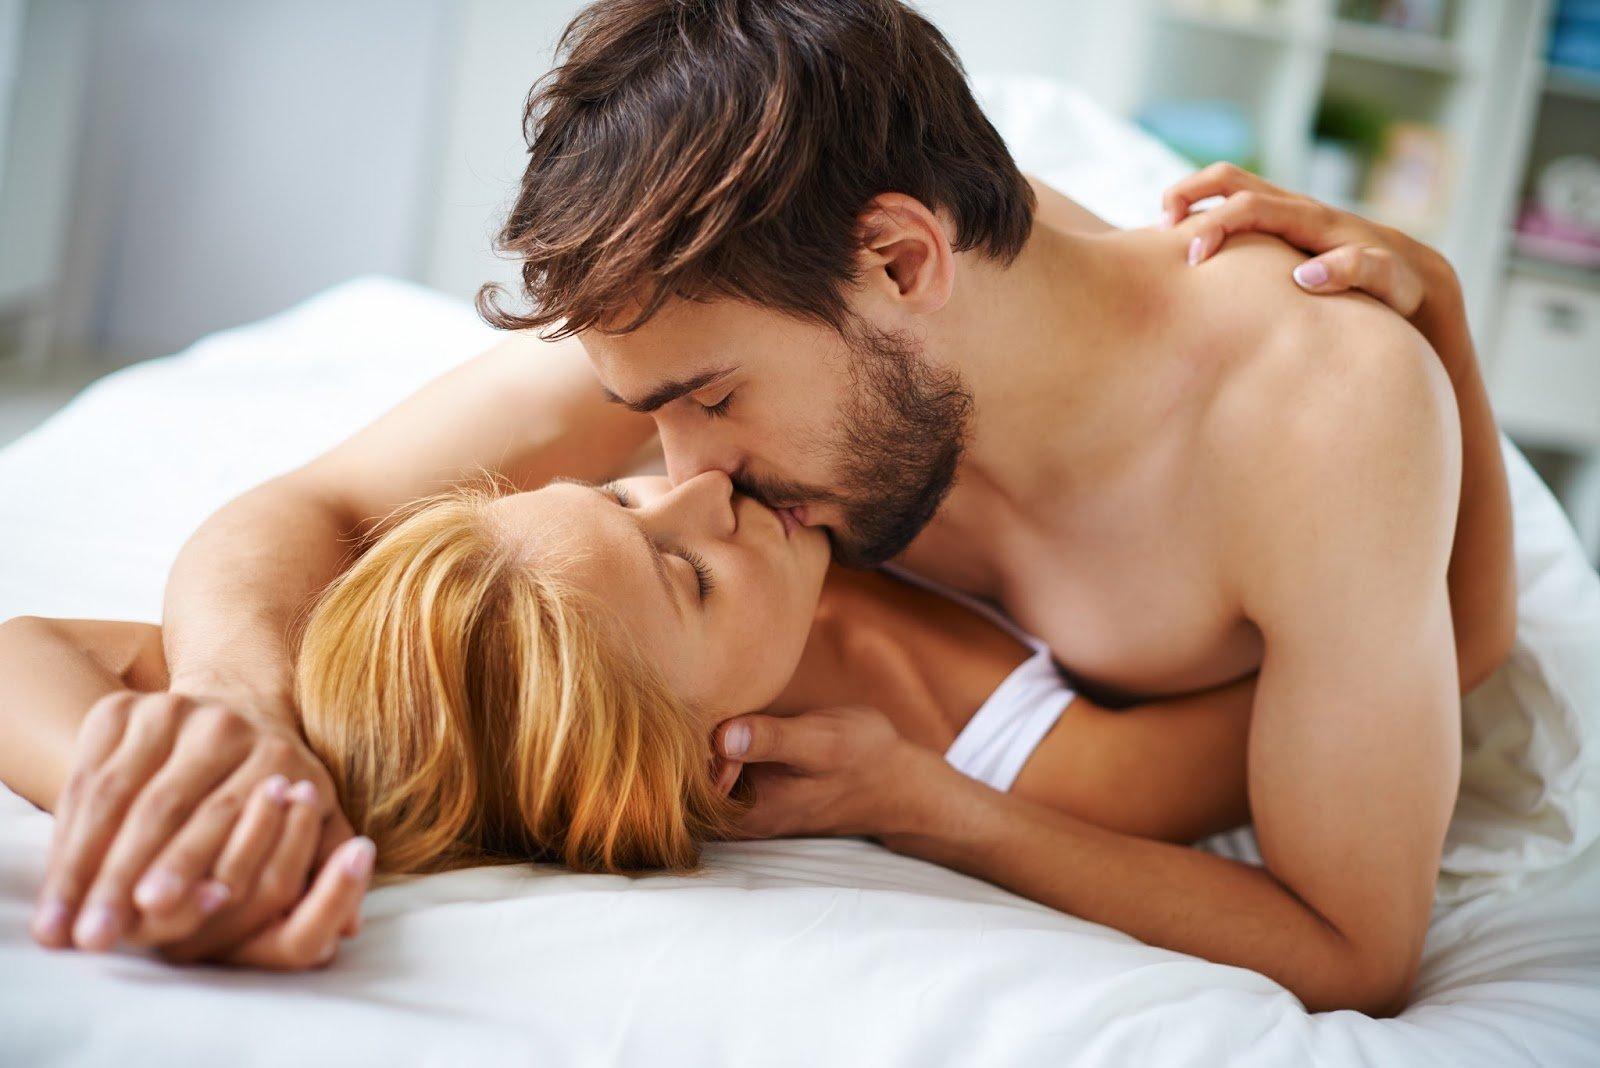 сексуальные отношения фото видео итоге